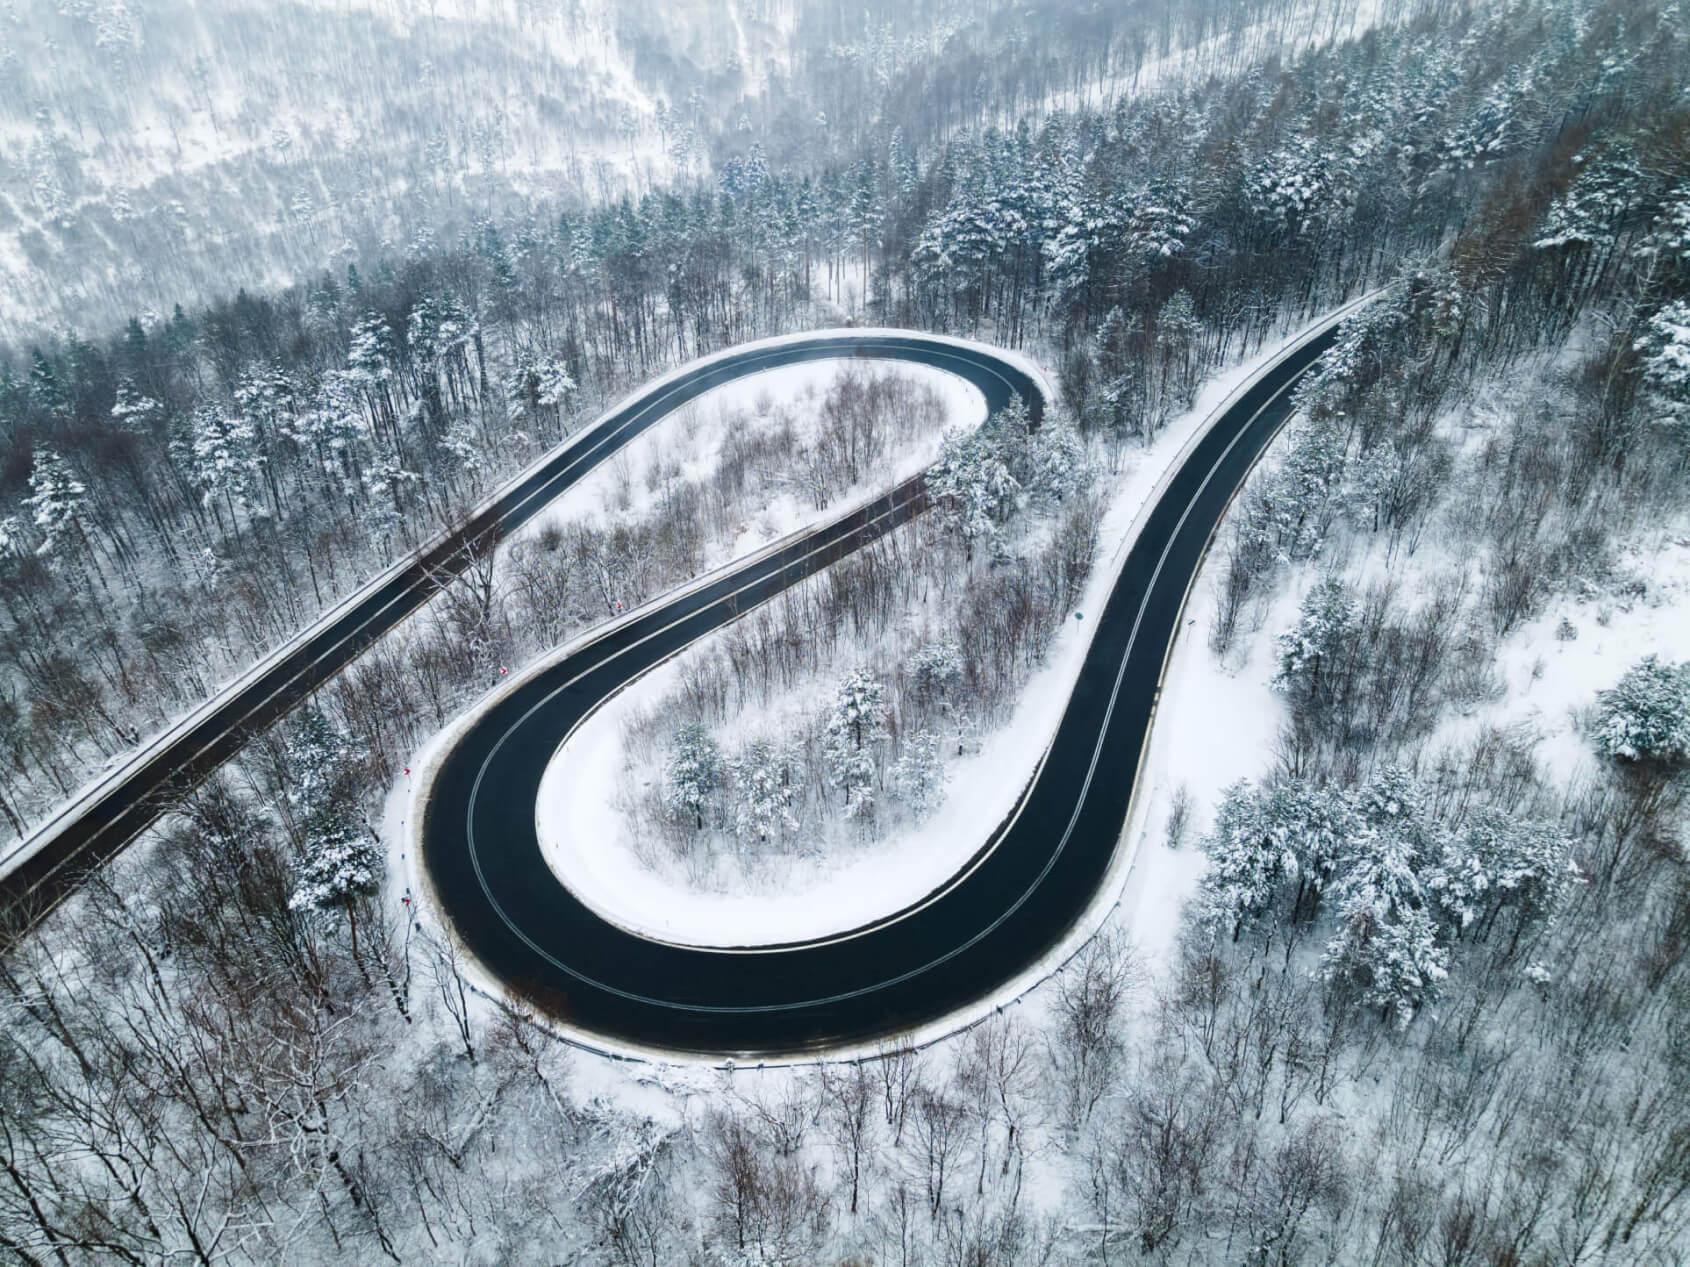 Gefährliche Kurven in verschneiter Berglandschaft gestreut mit Streusalzalternative